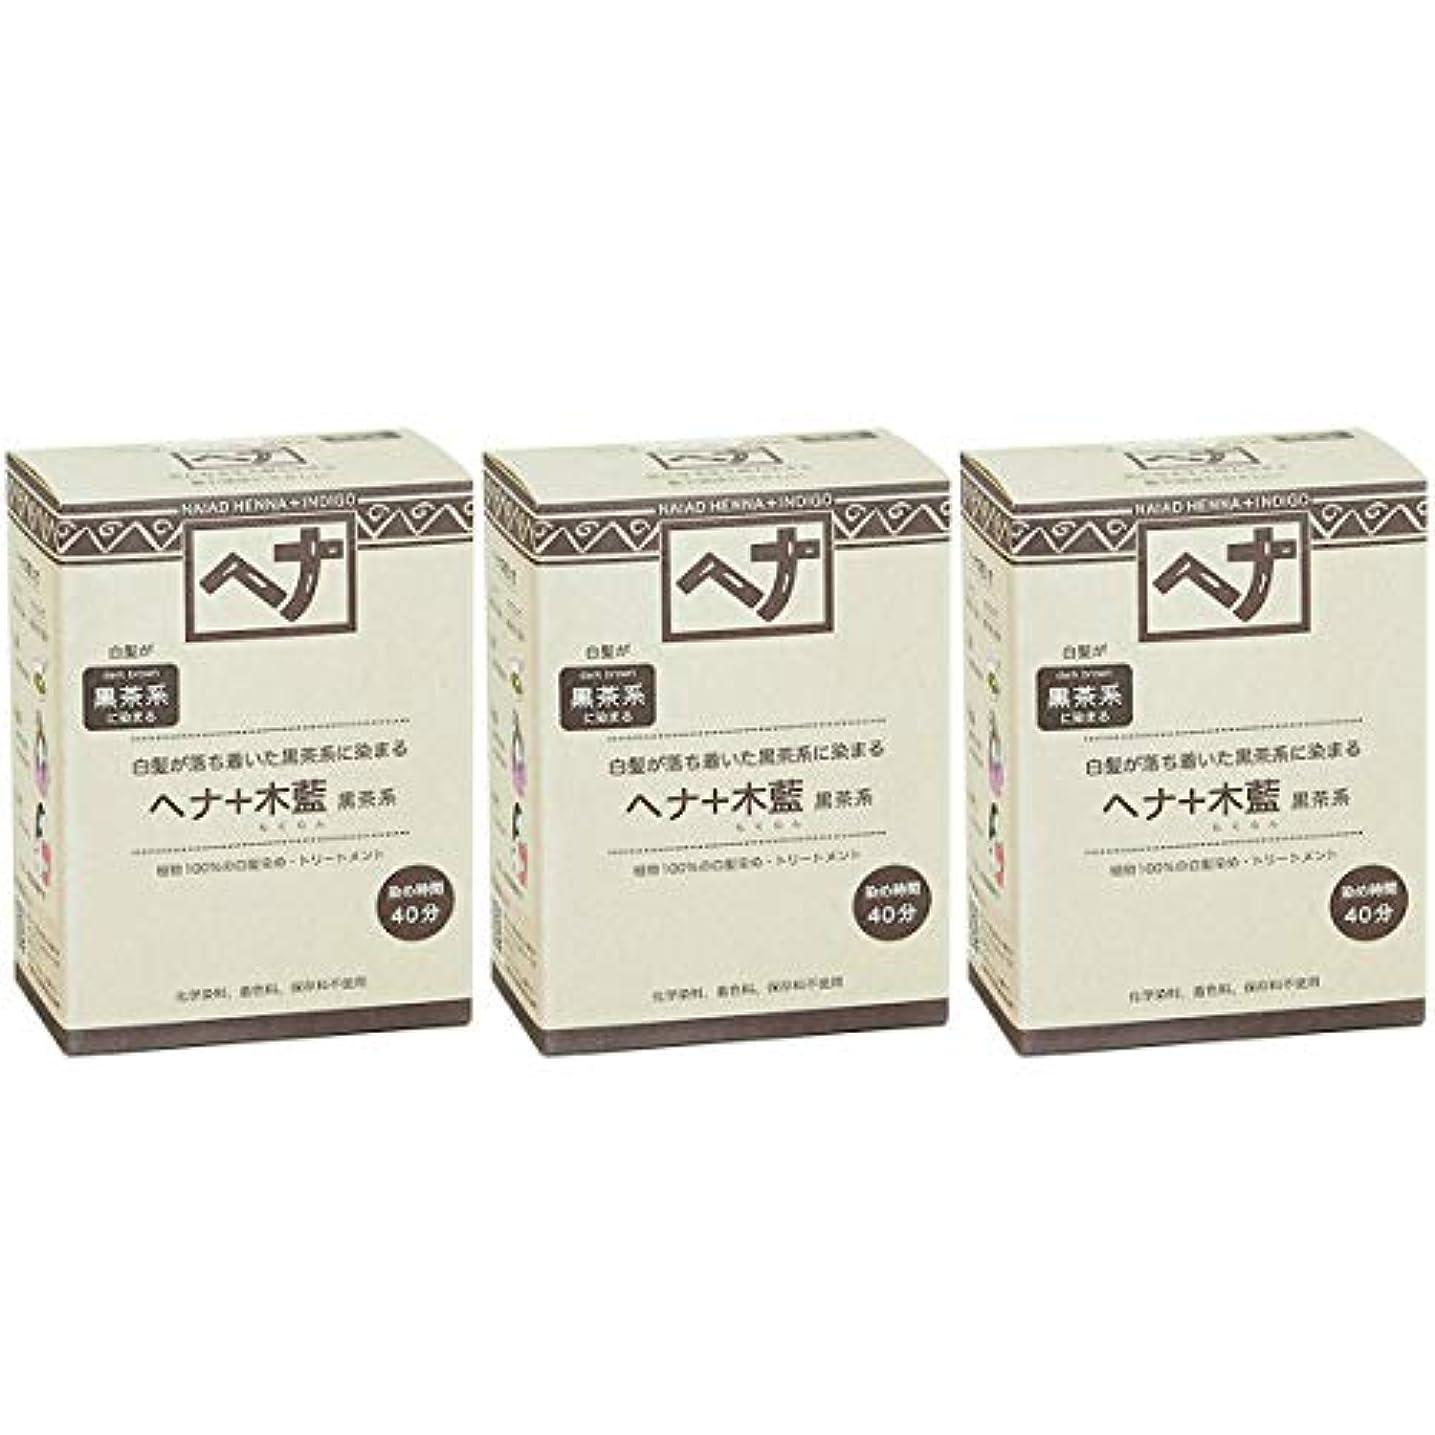 シルクアブセイ天使ナイアード ヘナ + 木藍 黒茶系 白髪が落ち着いた黒茶系に染まる 100g 3個セット